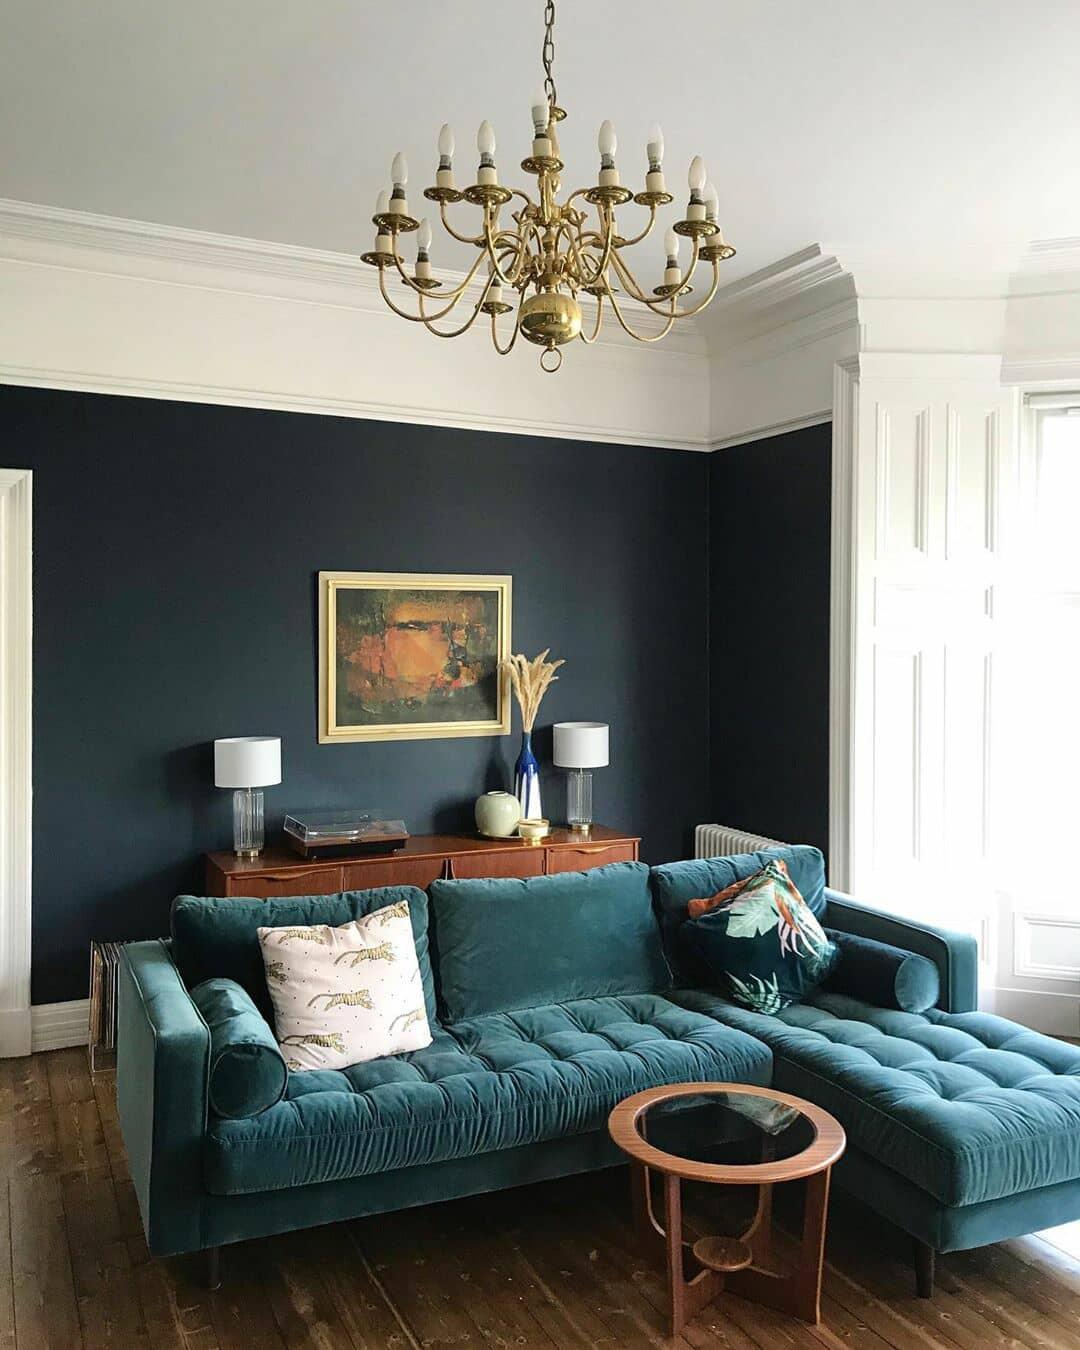 green velvet sofa in a luxury living room